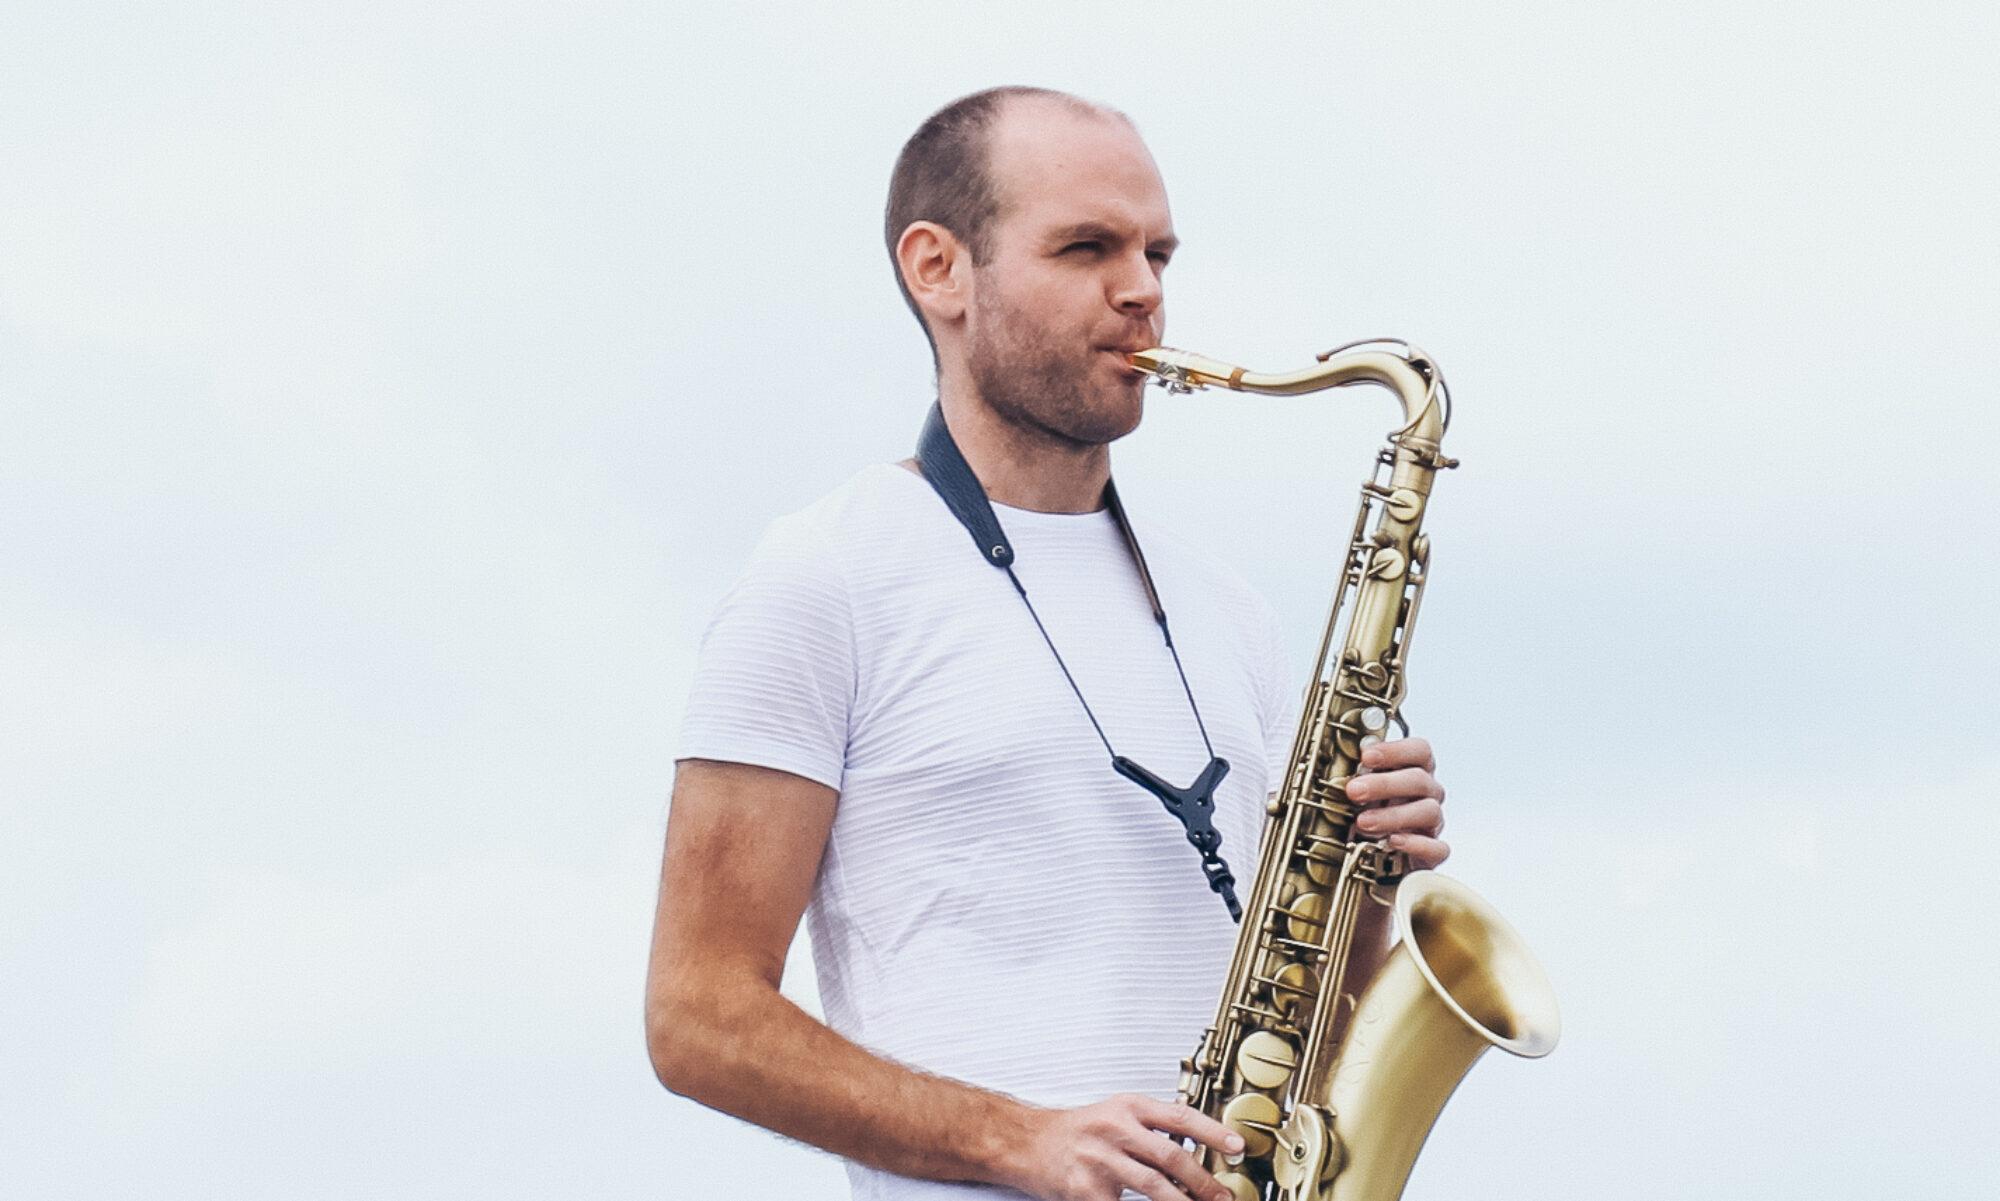 Mark Lucassen